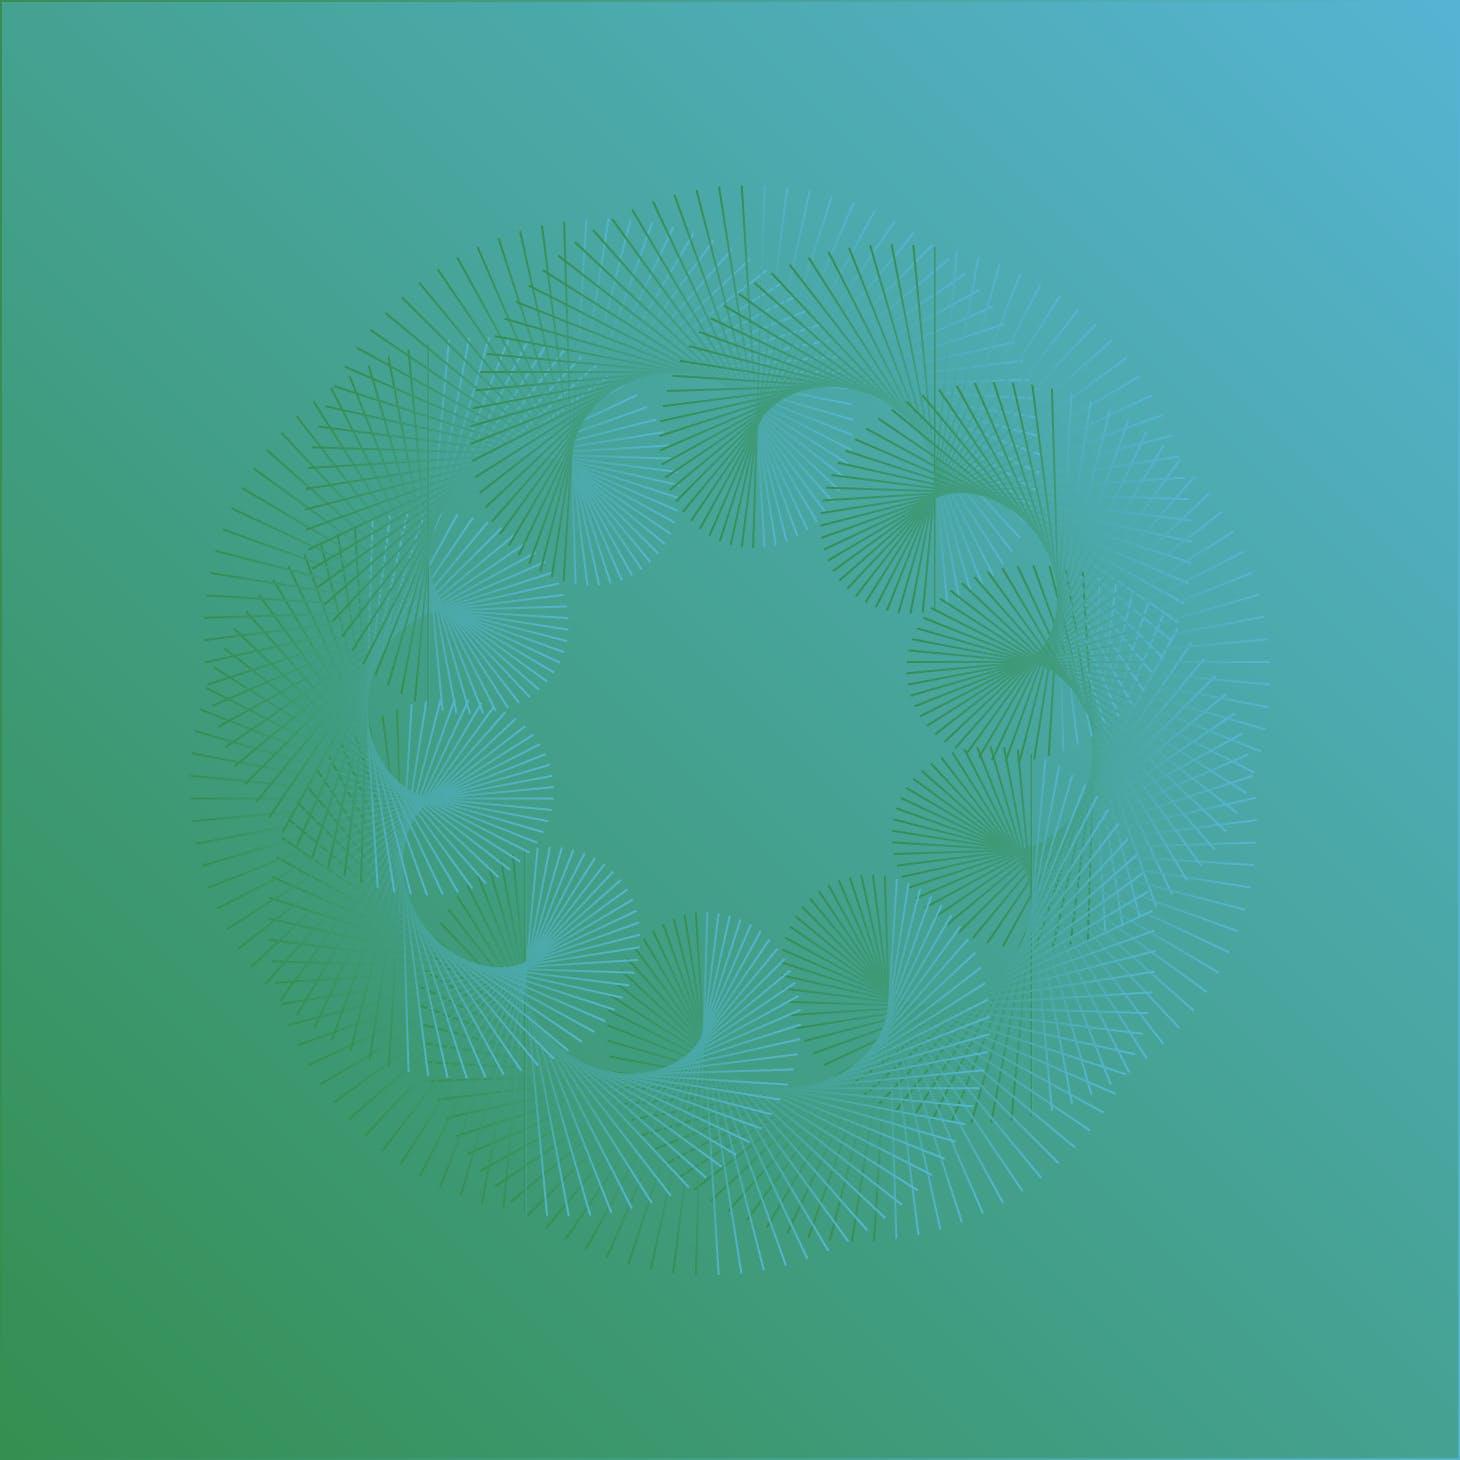 8款螺旋状线条网格矢量图案素材 Geometric Spiral Collection插图(8)